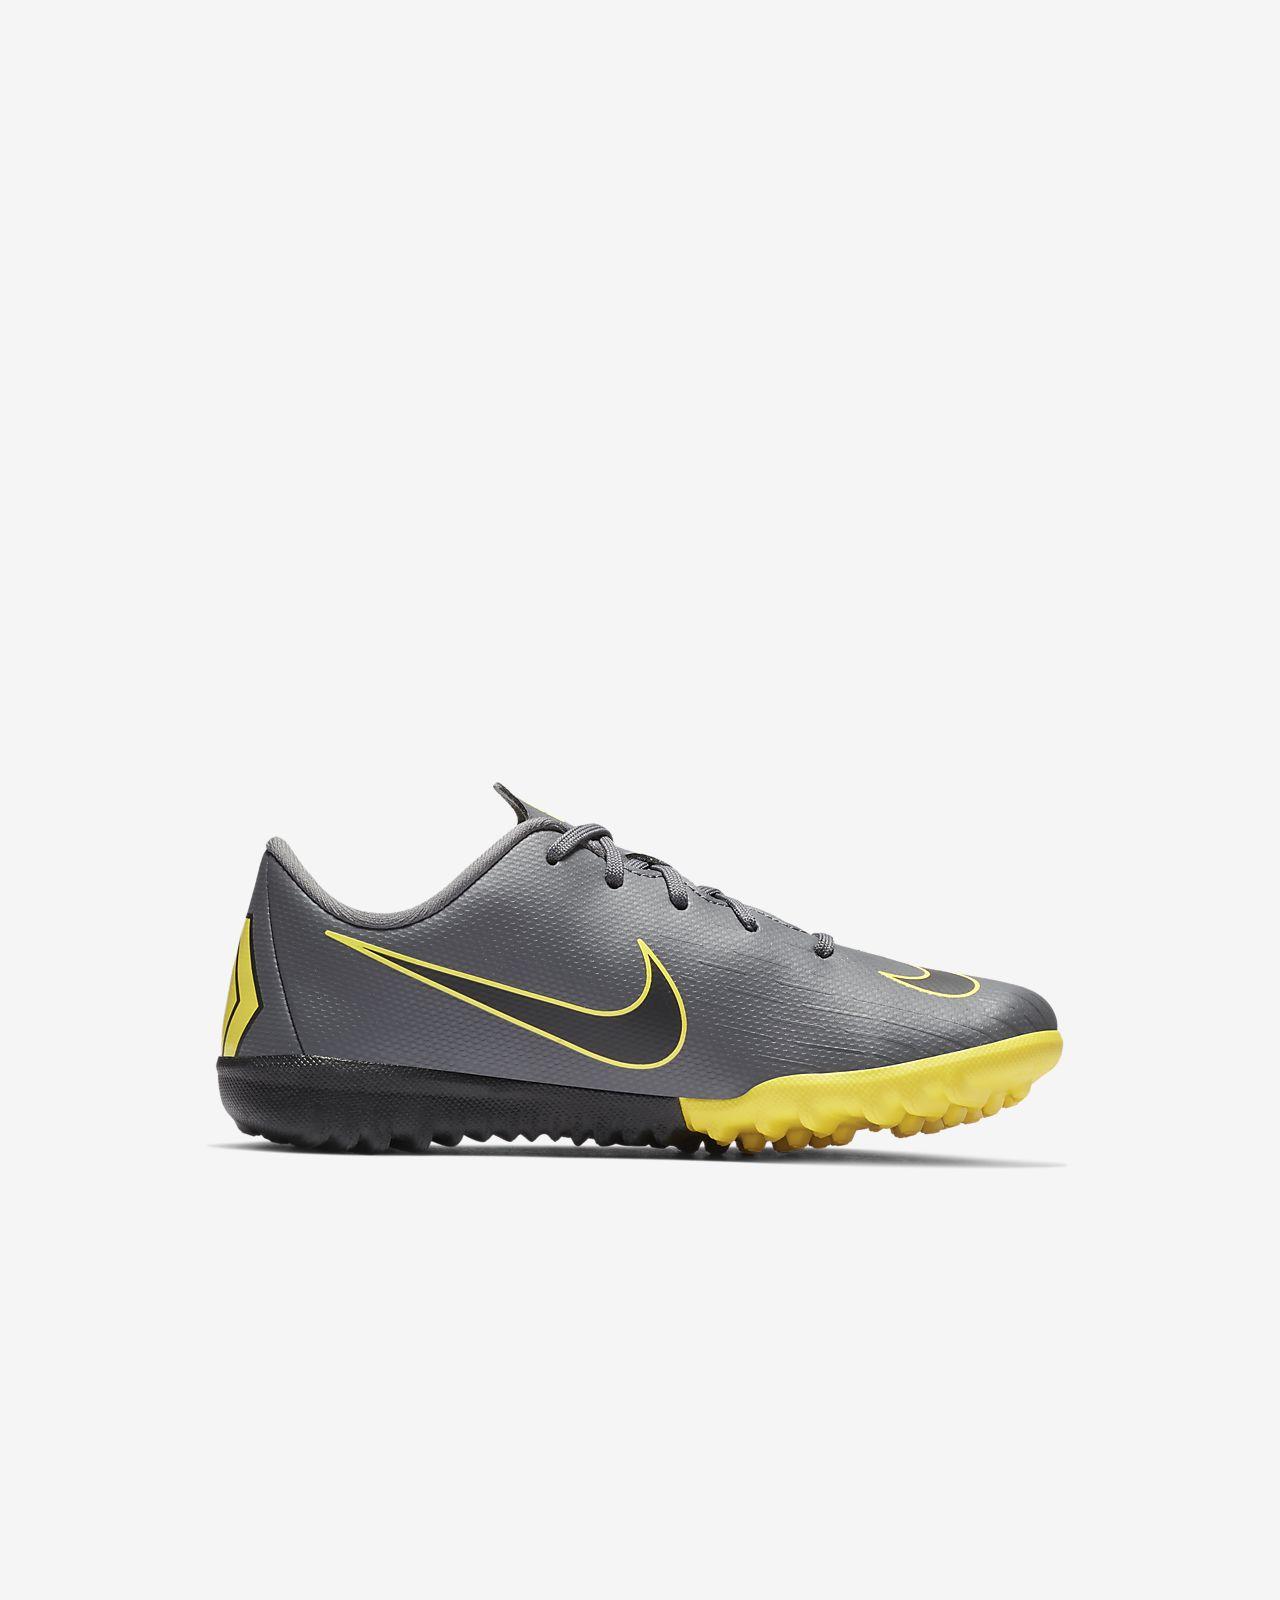 uk availability 7fa46 12765 ... Chaussure de football pour surface synthétique Nike Jr. MercurialX Vapor  12 Academy TF pour Jeune